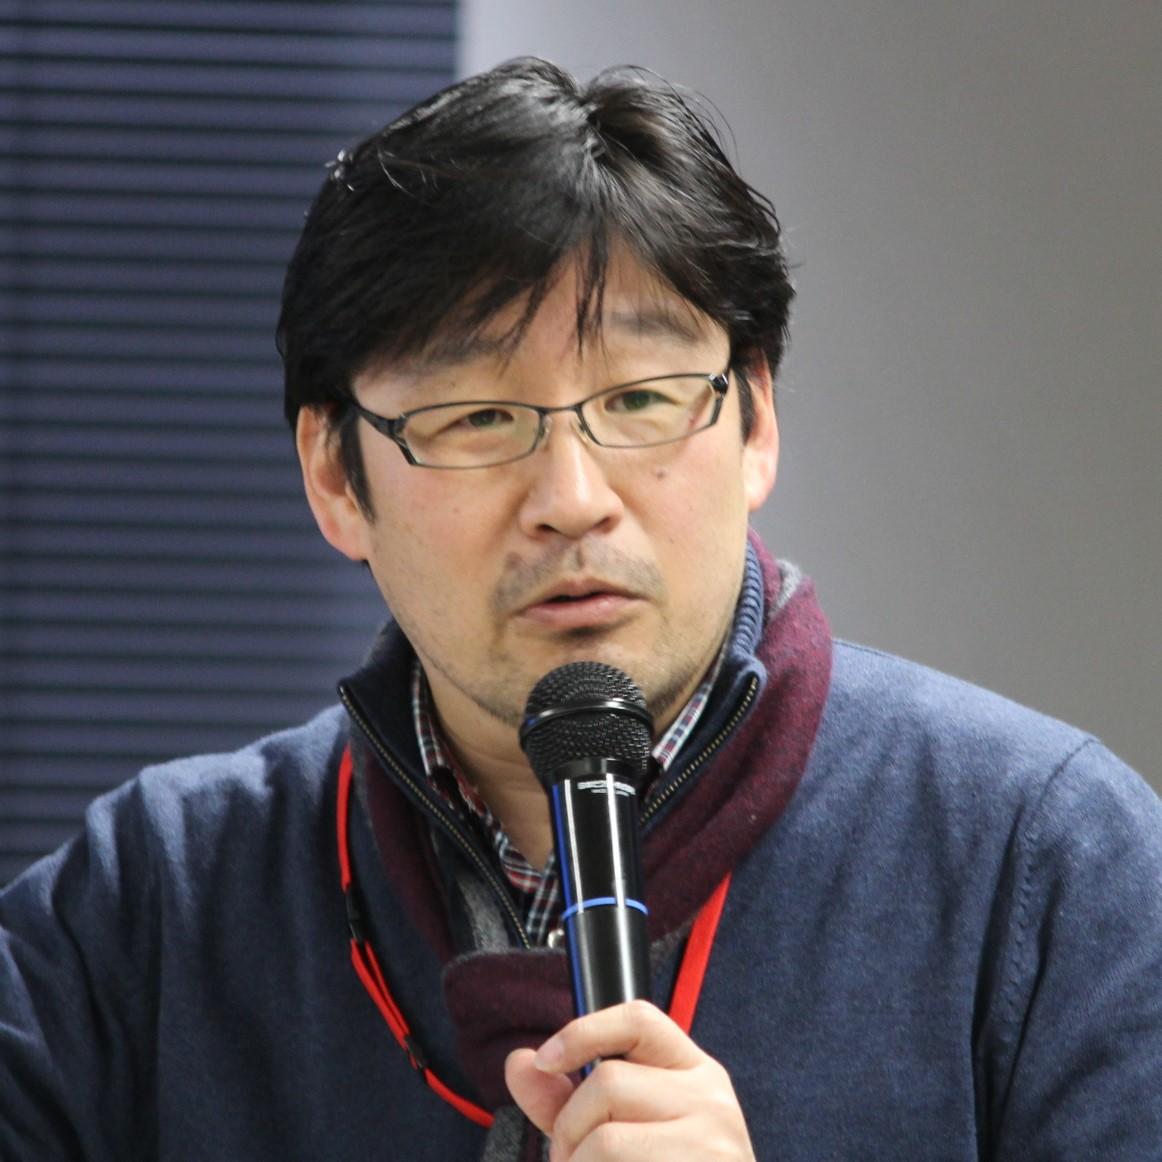 Shigenori Funaki